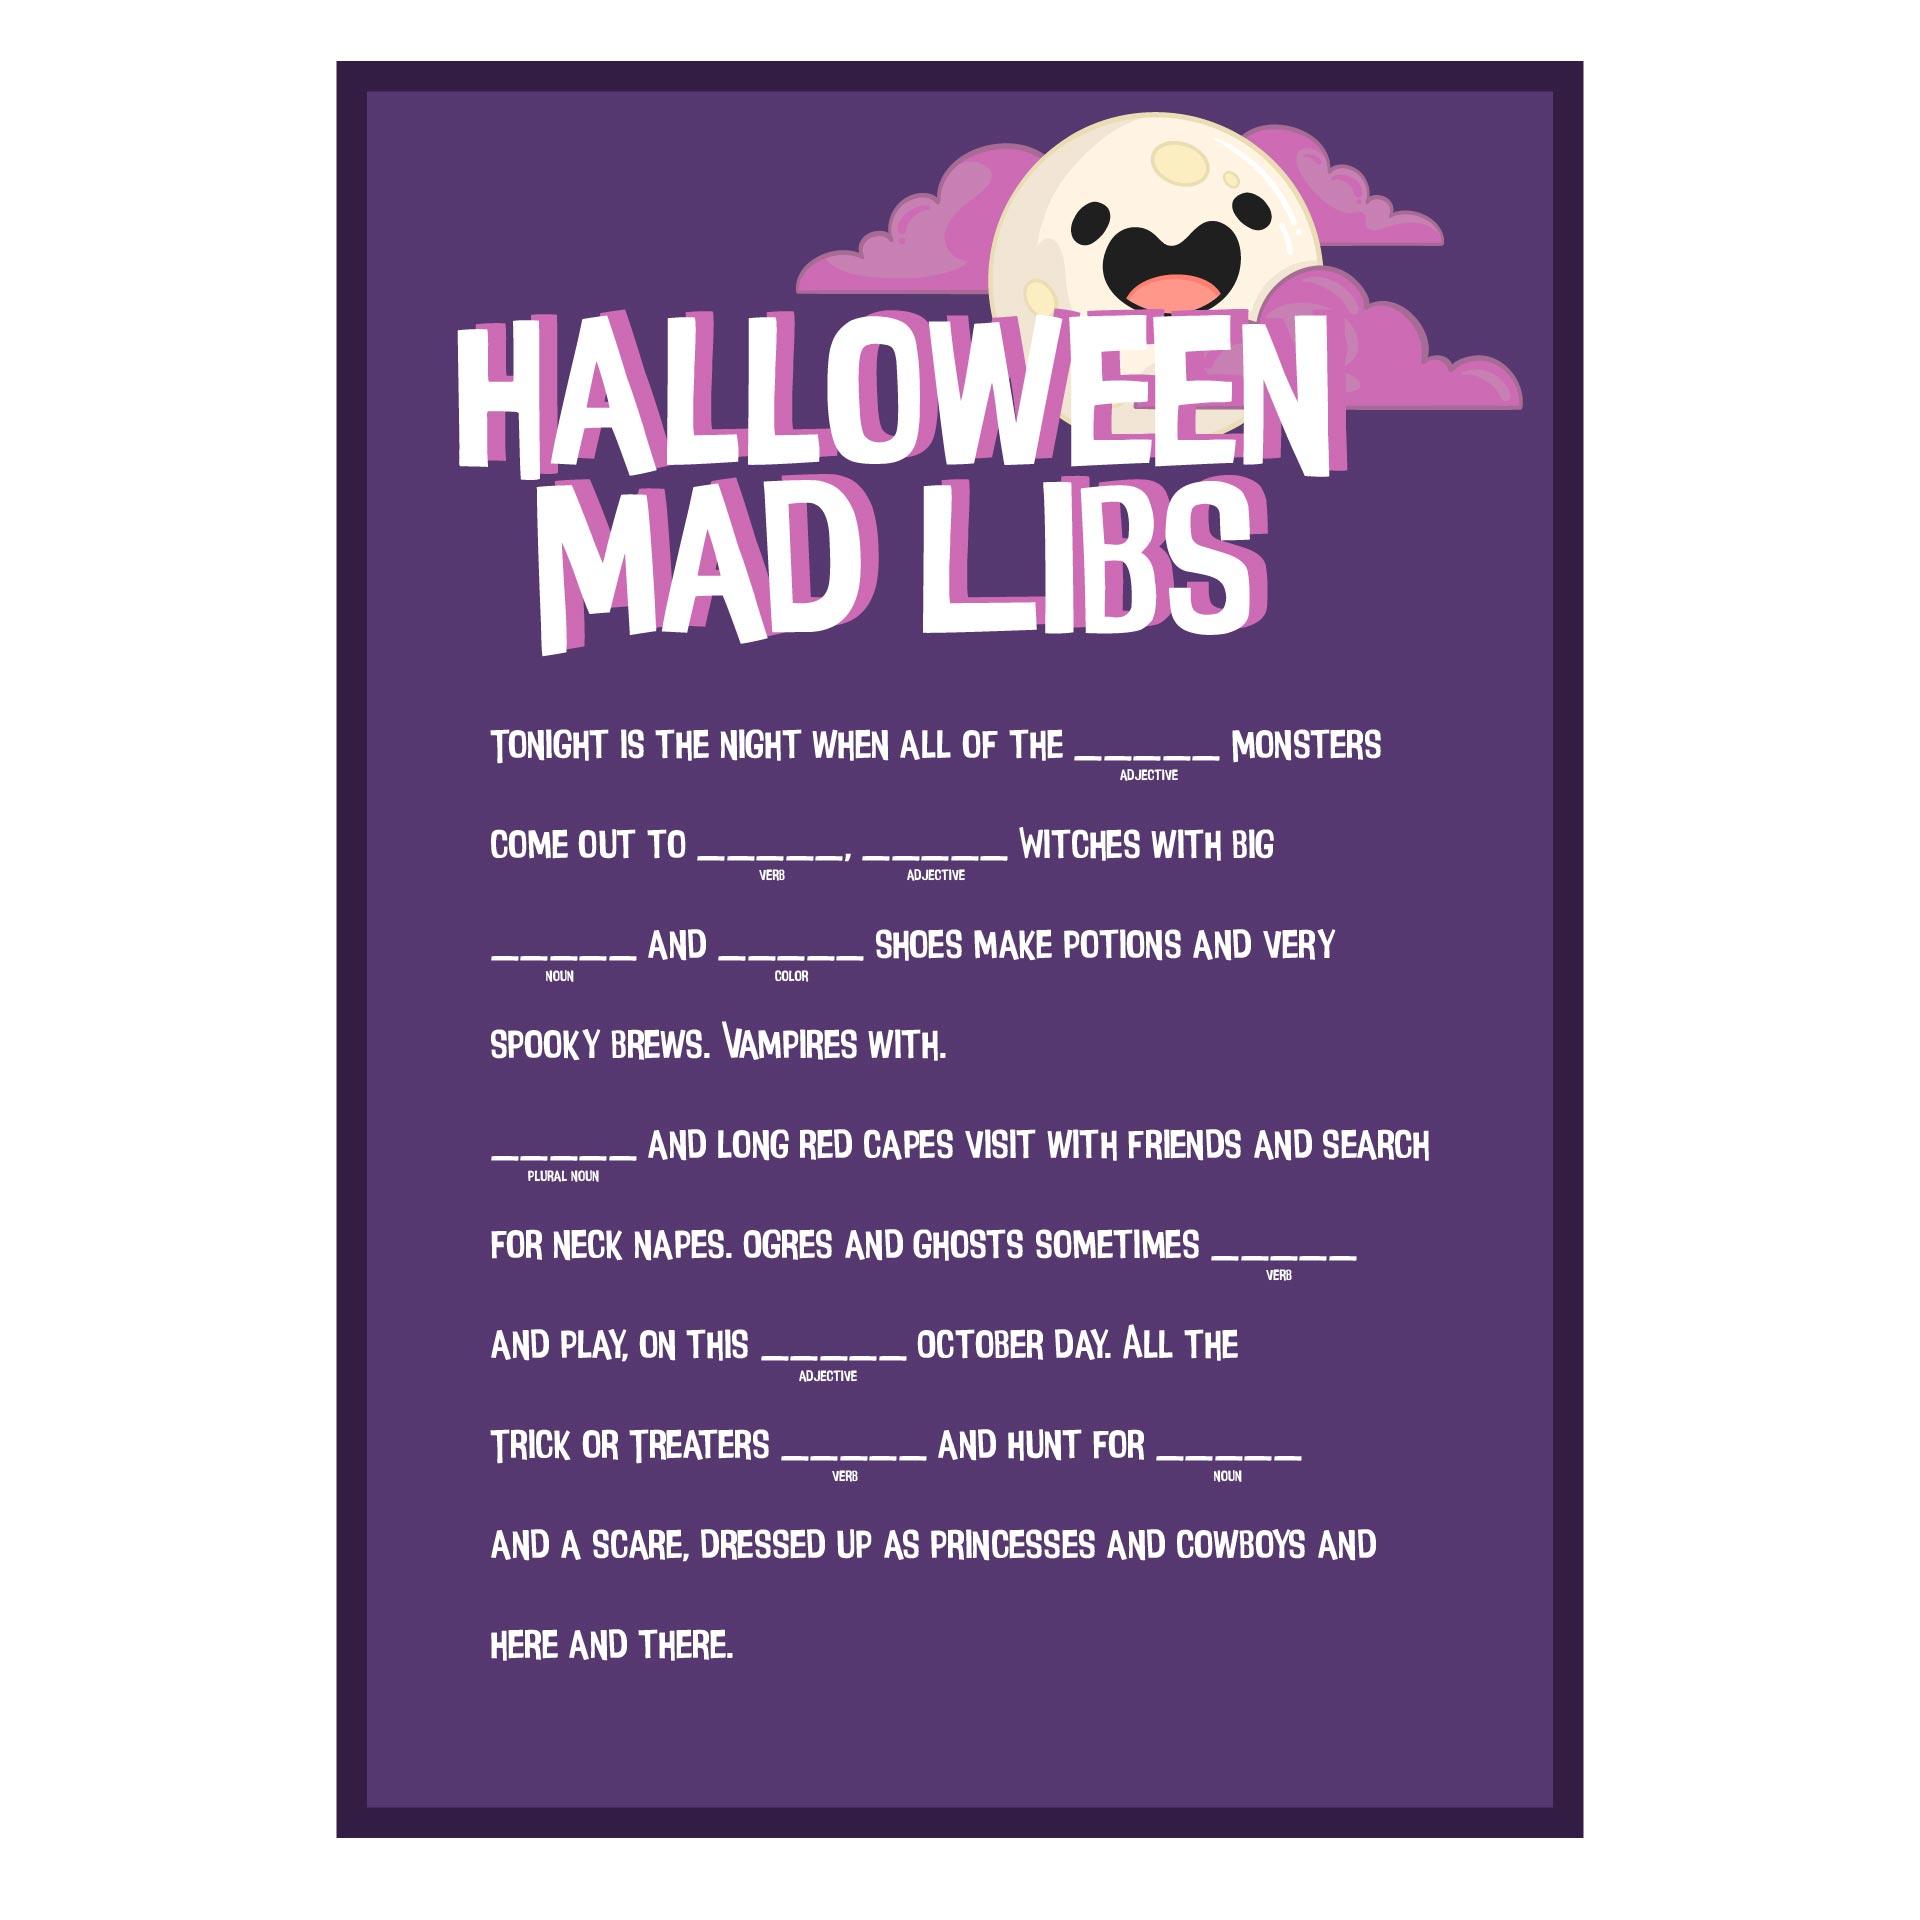 Halloween Themed Mad Libs